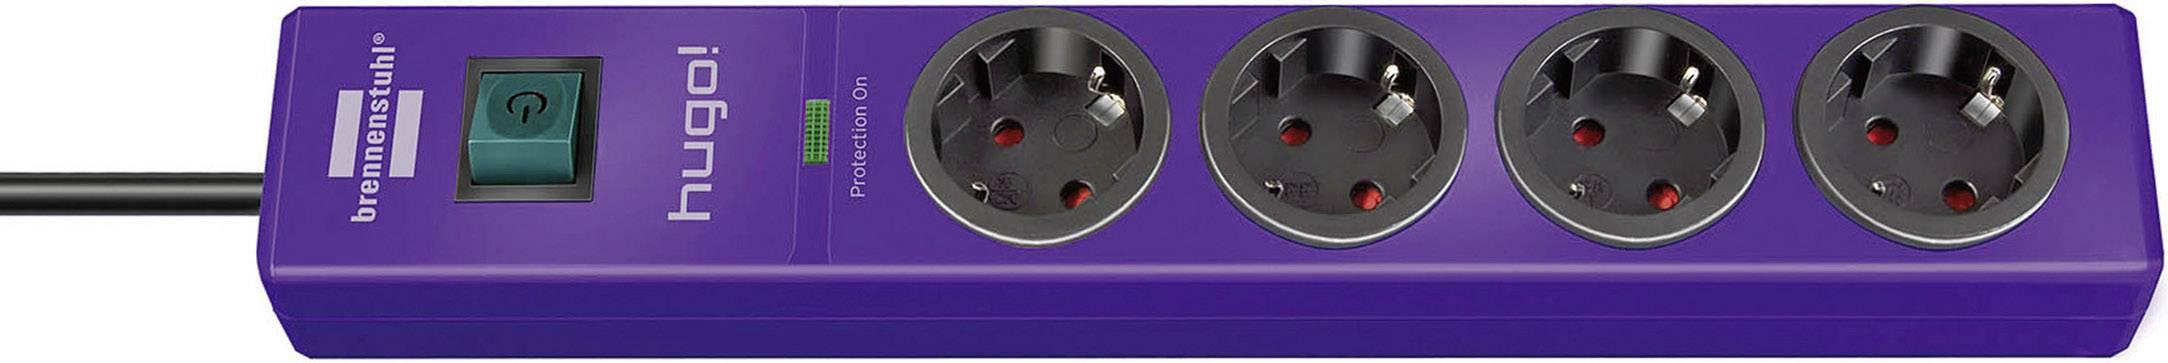 Zásuvková lišta Brennenstuhl s prepäťovou ochranou a spínačom, 4 zásuvky, fialová